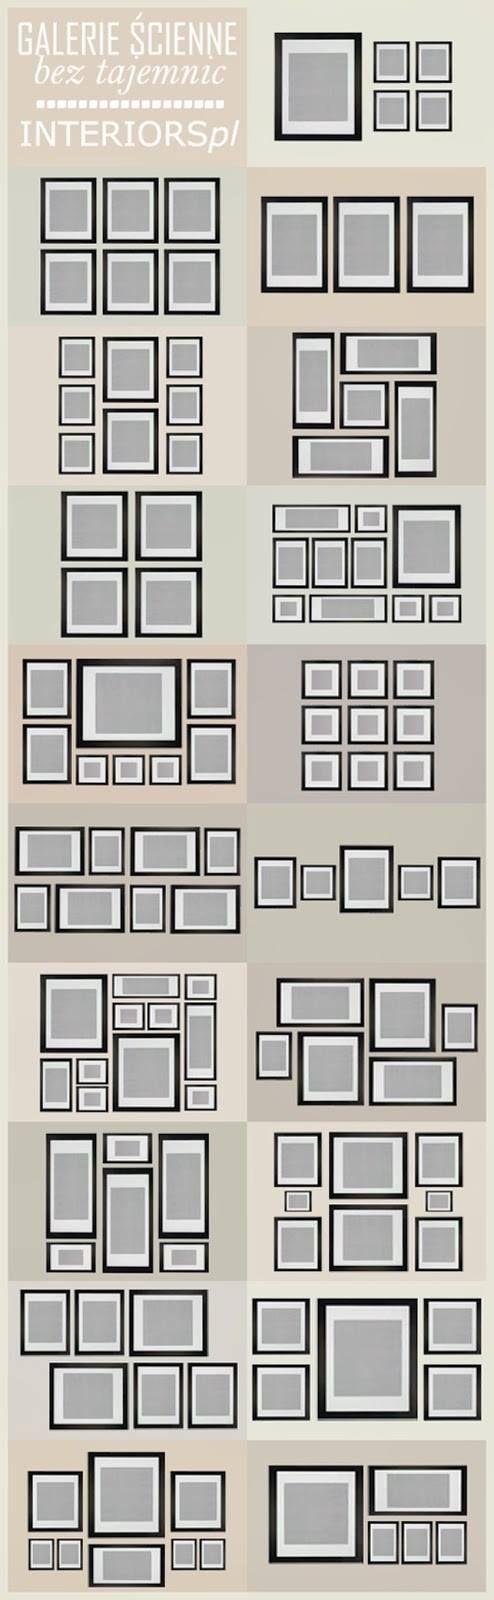 Nuevas ideas para decorar paredes 8